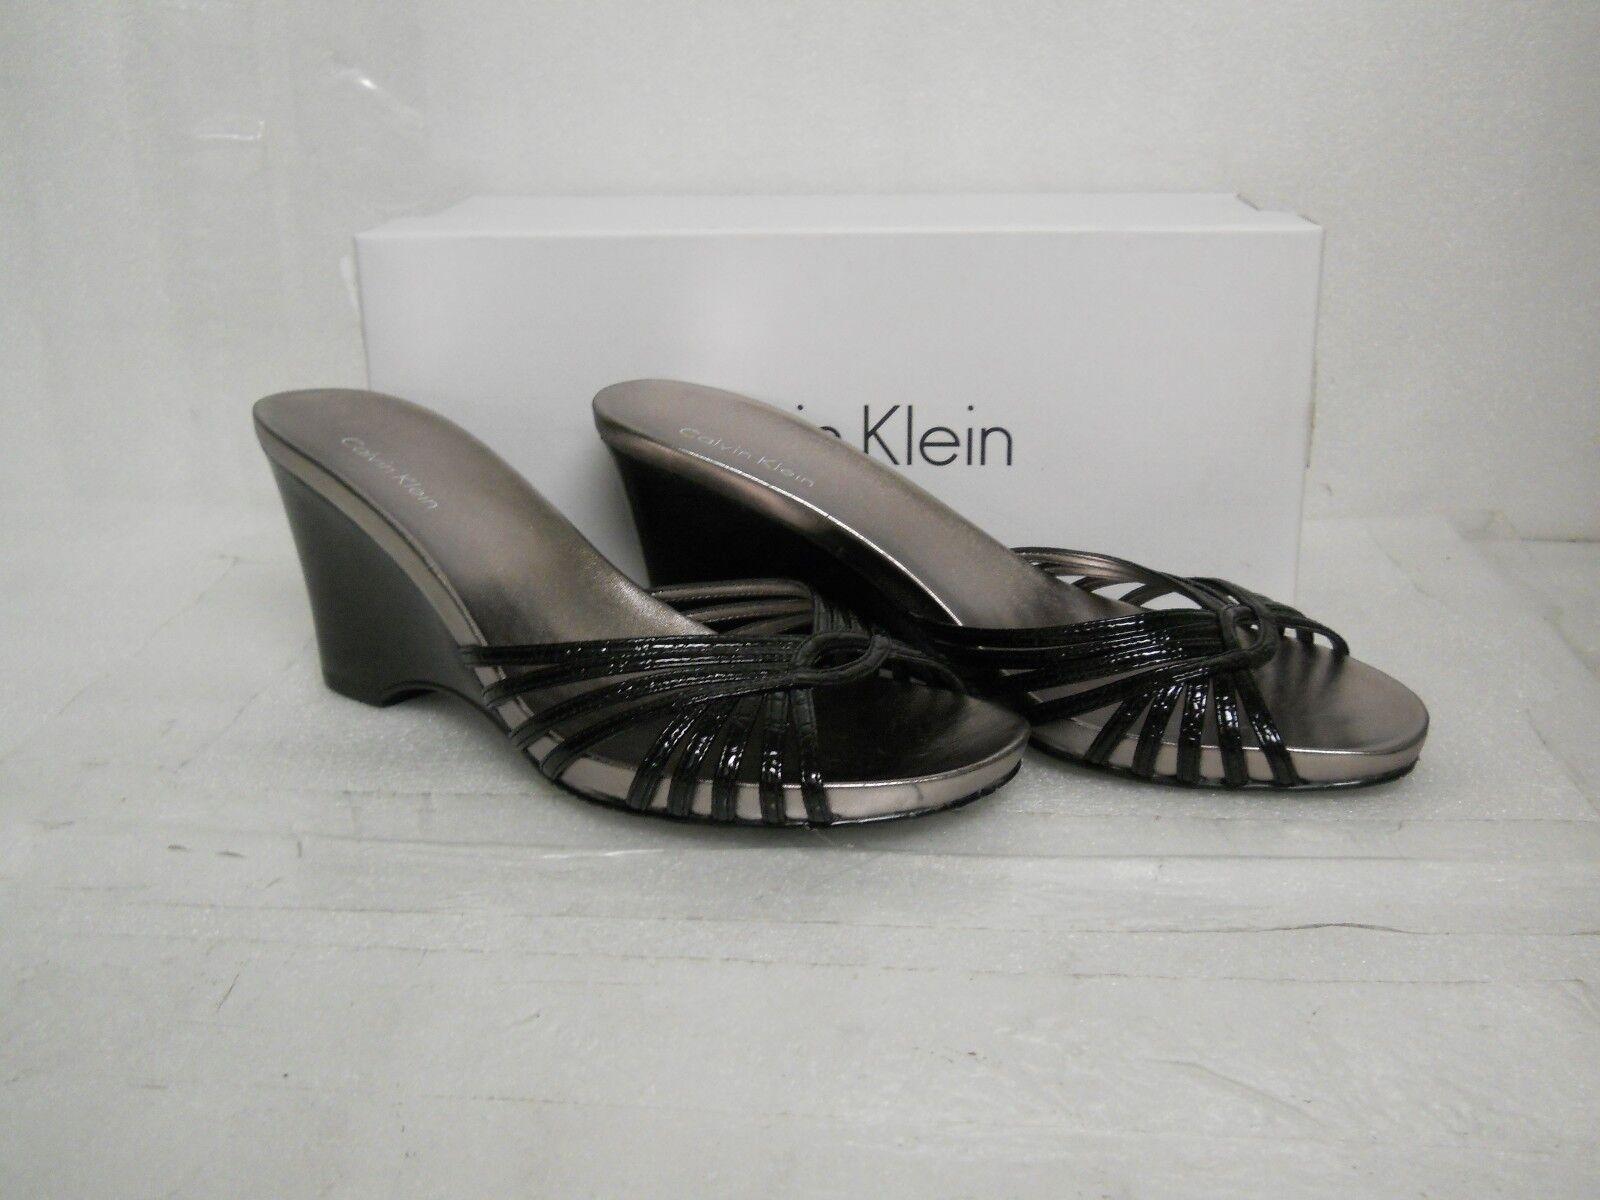 Calvin Klein NEU Damenschuhe Amanda Wedge Sandales 6.5 M Schuhes